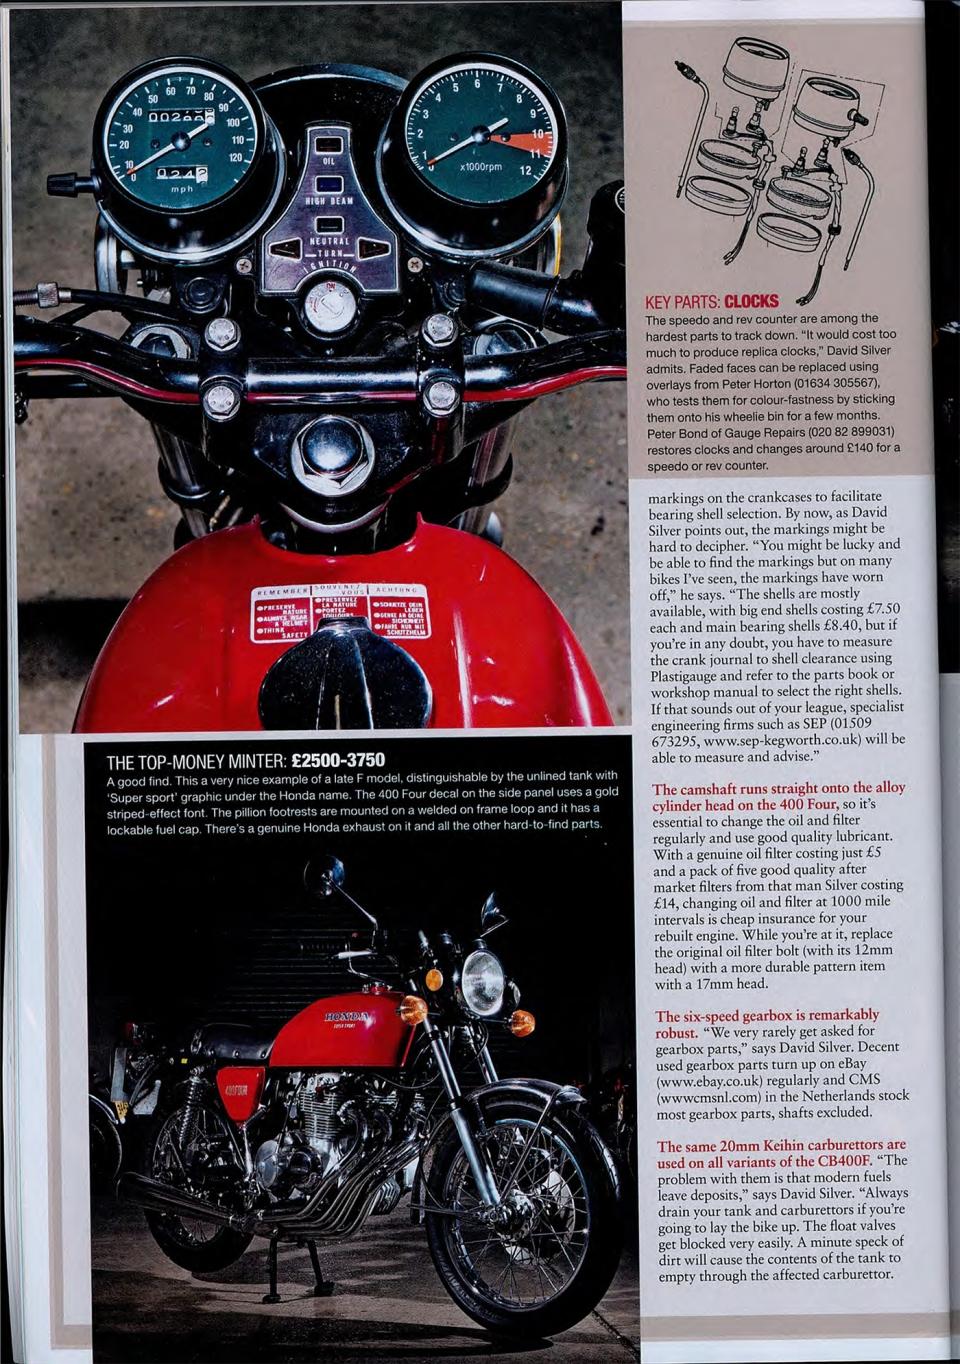 Classicbike-April-2012-Honda-CB400F-Super-Sport-9